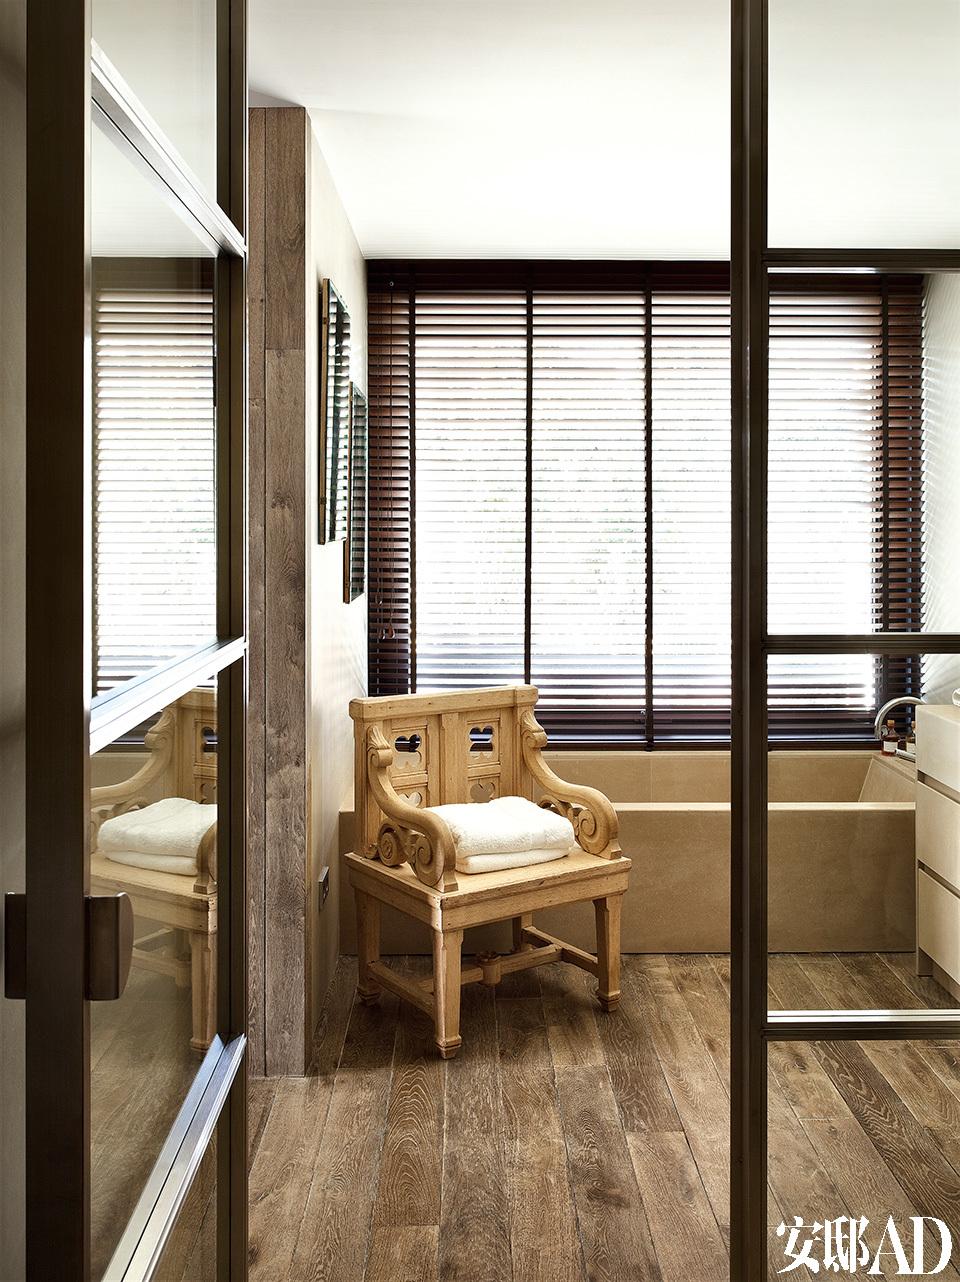 浴室里有一张新哥特式座椅,分区材料以金属和玻璃材料为主,同样由Toni设计,地板是橡木的。